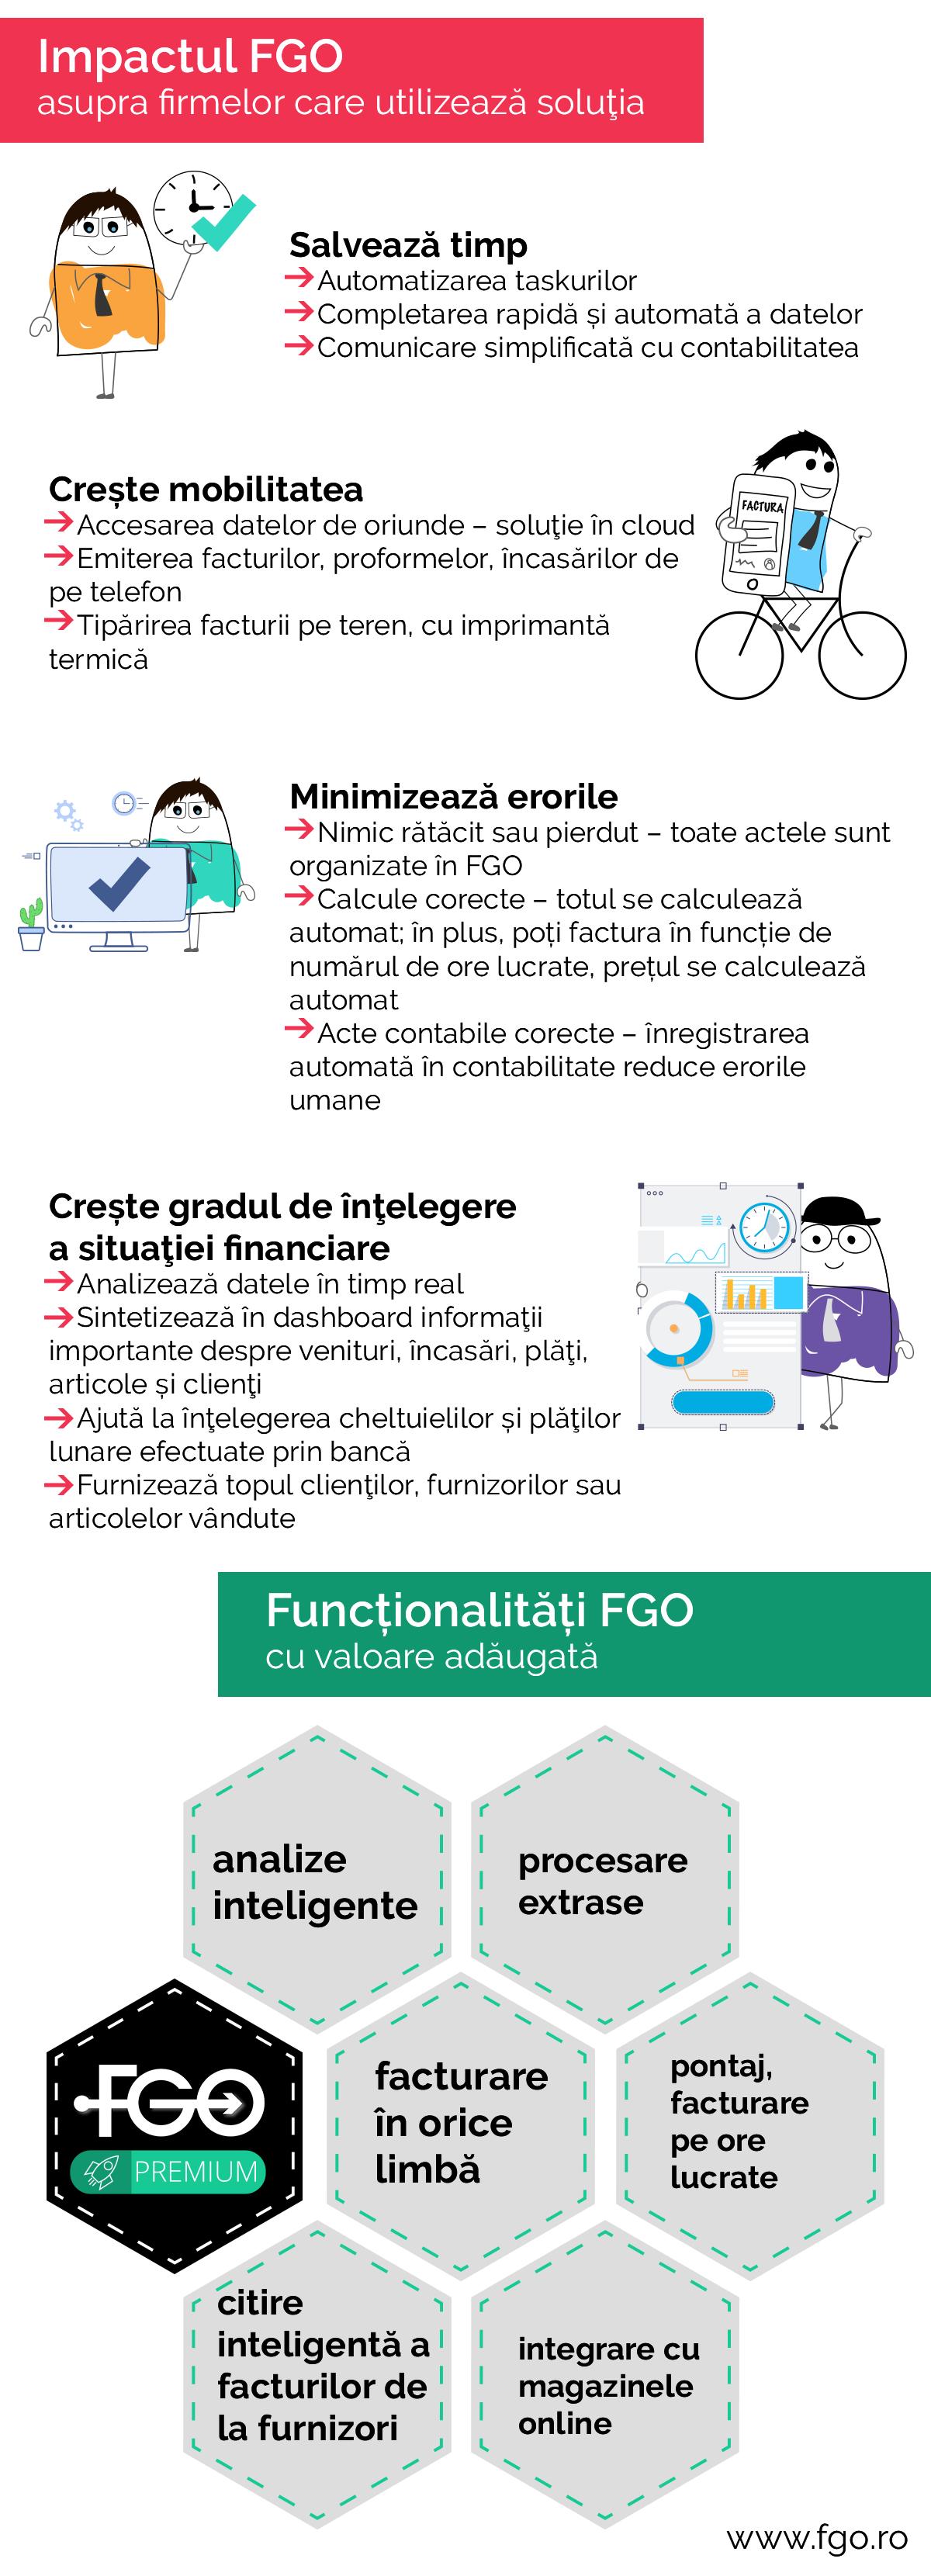 functionalitati fgo premium